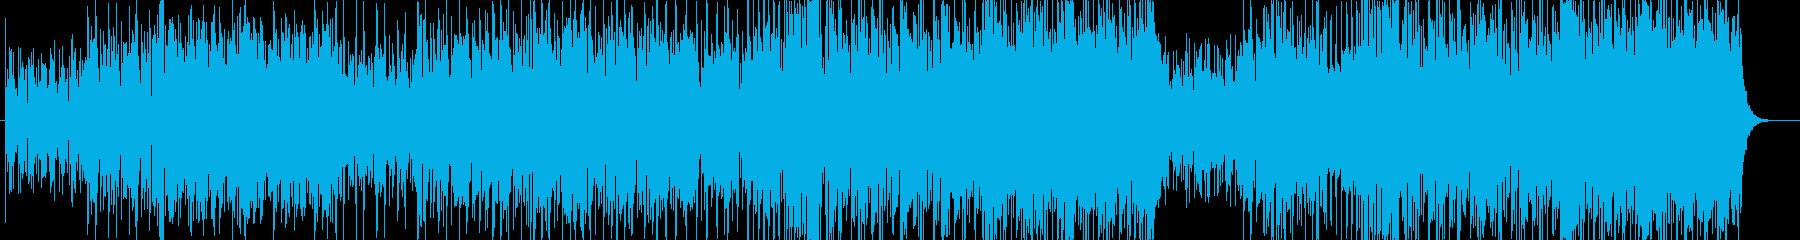 ワークアウト・モチベ/ミクスチャーEDMの再生済みの波形